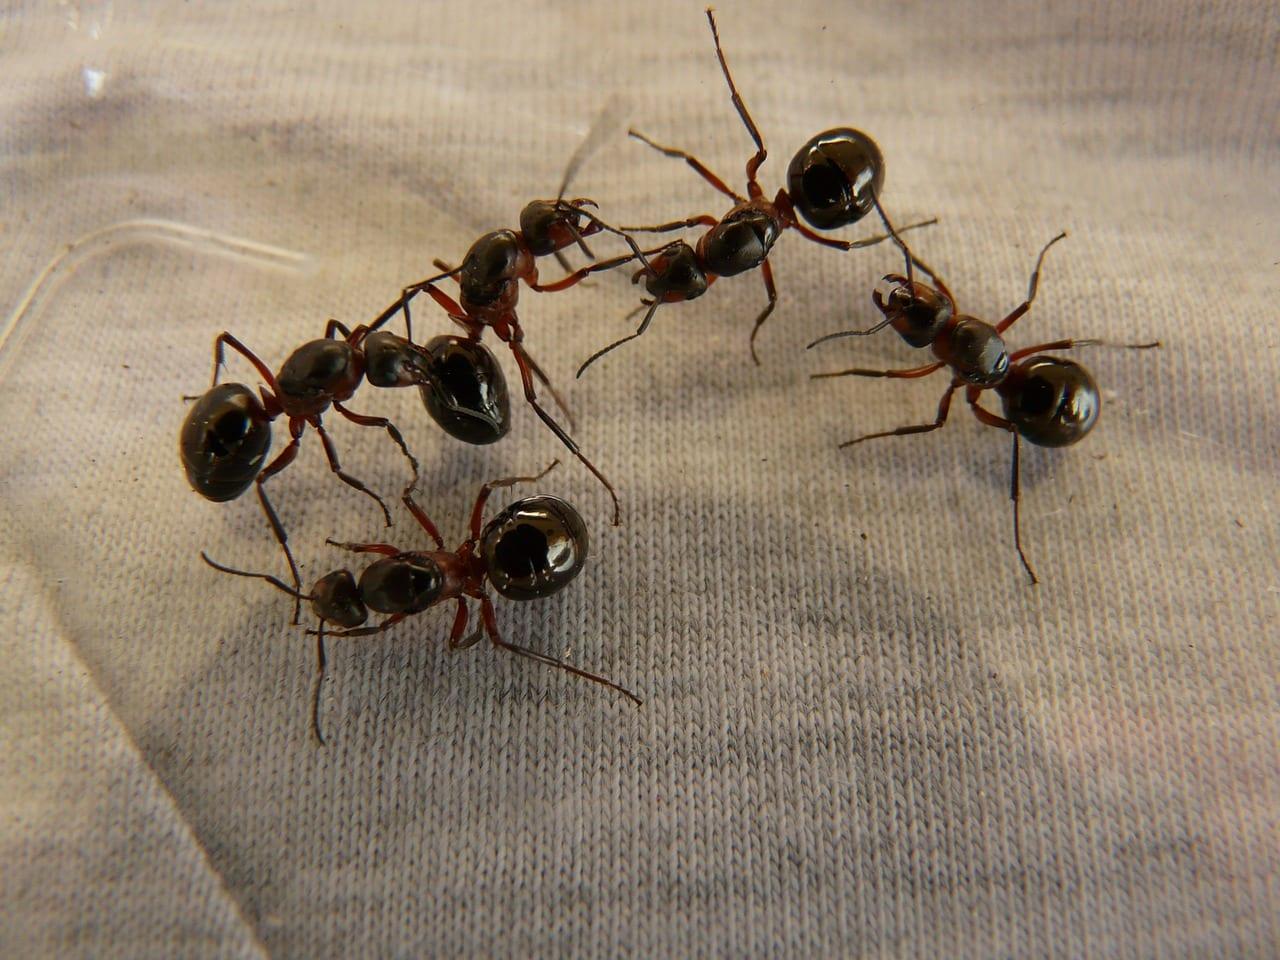 Le formiche conservano ricordi a lungo e breve termine su diversi lati del loro cervello